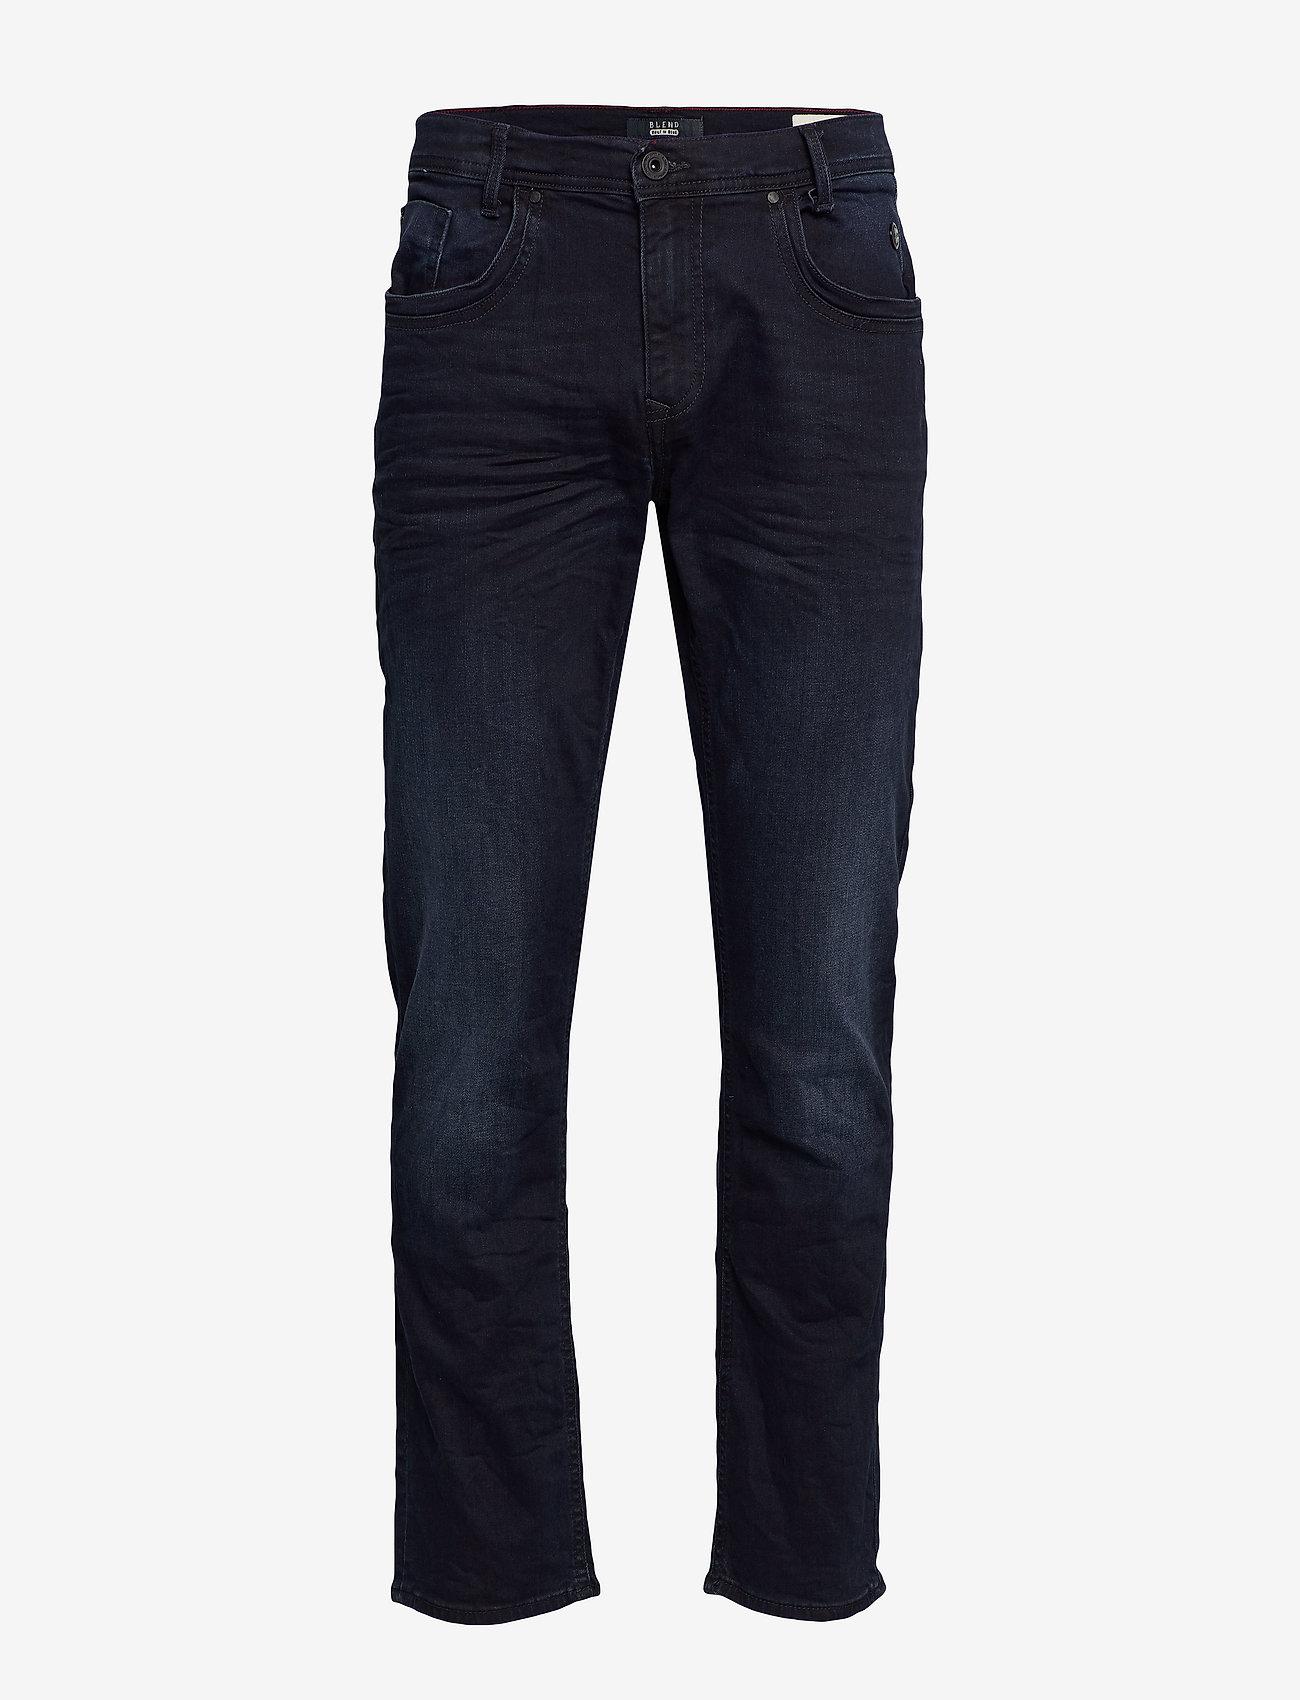 Blend - Blizzard fit - NOOS Jeans - regular jeans - denim black blue - 0